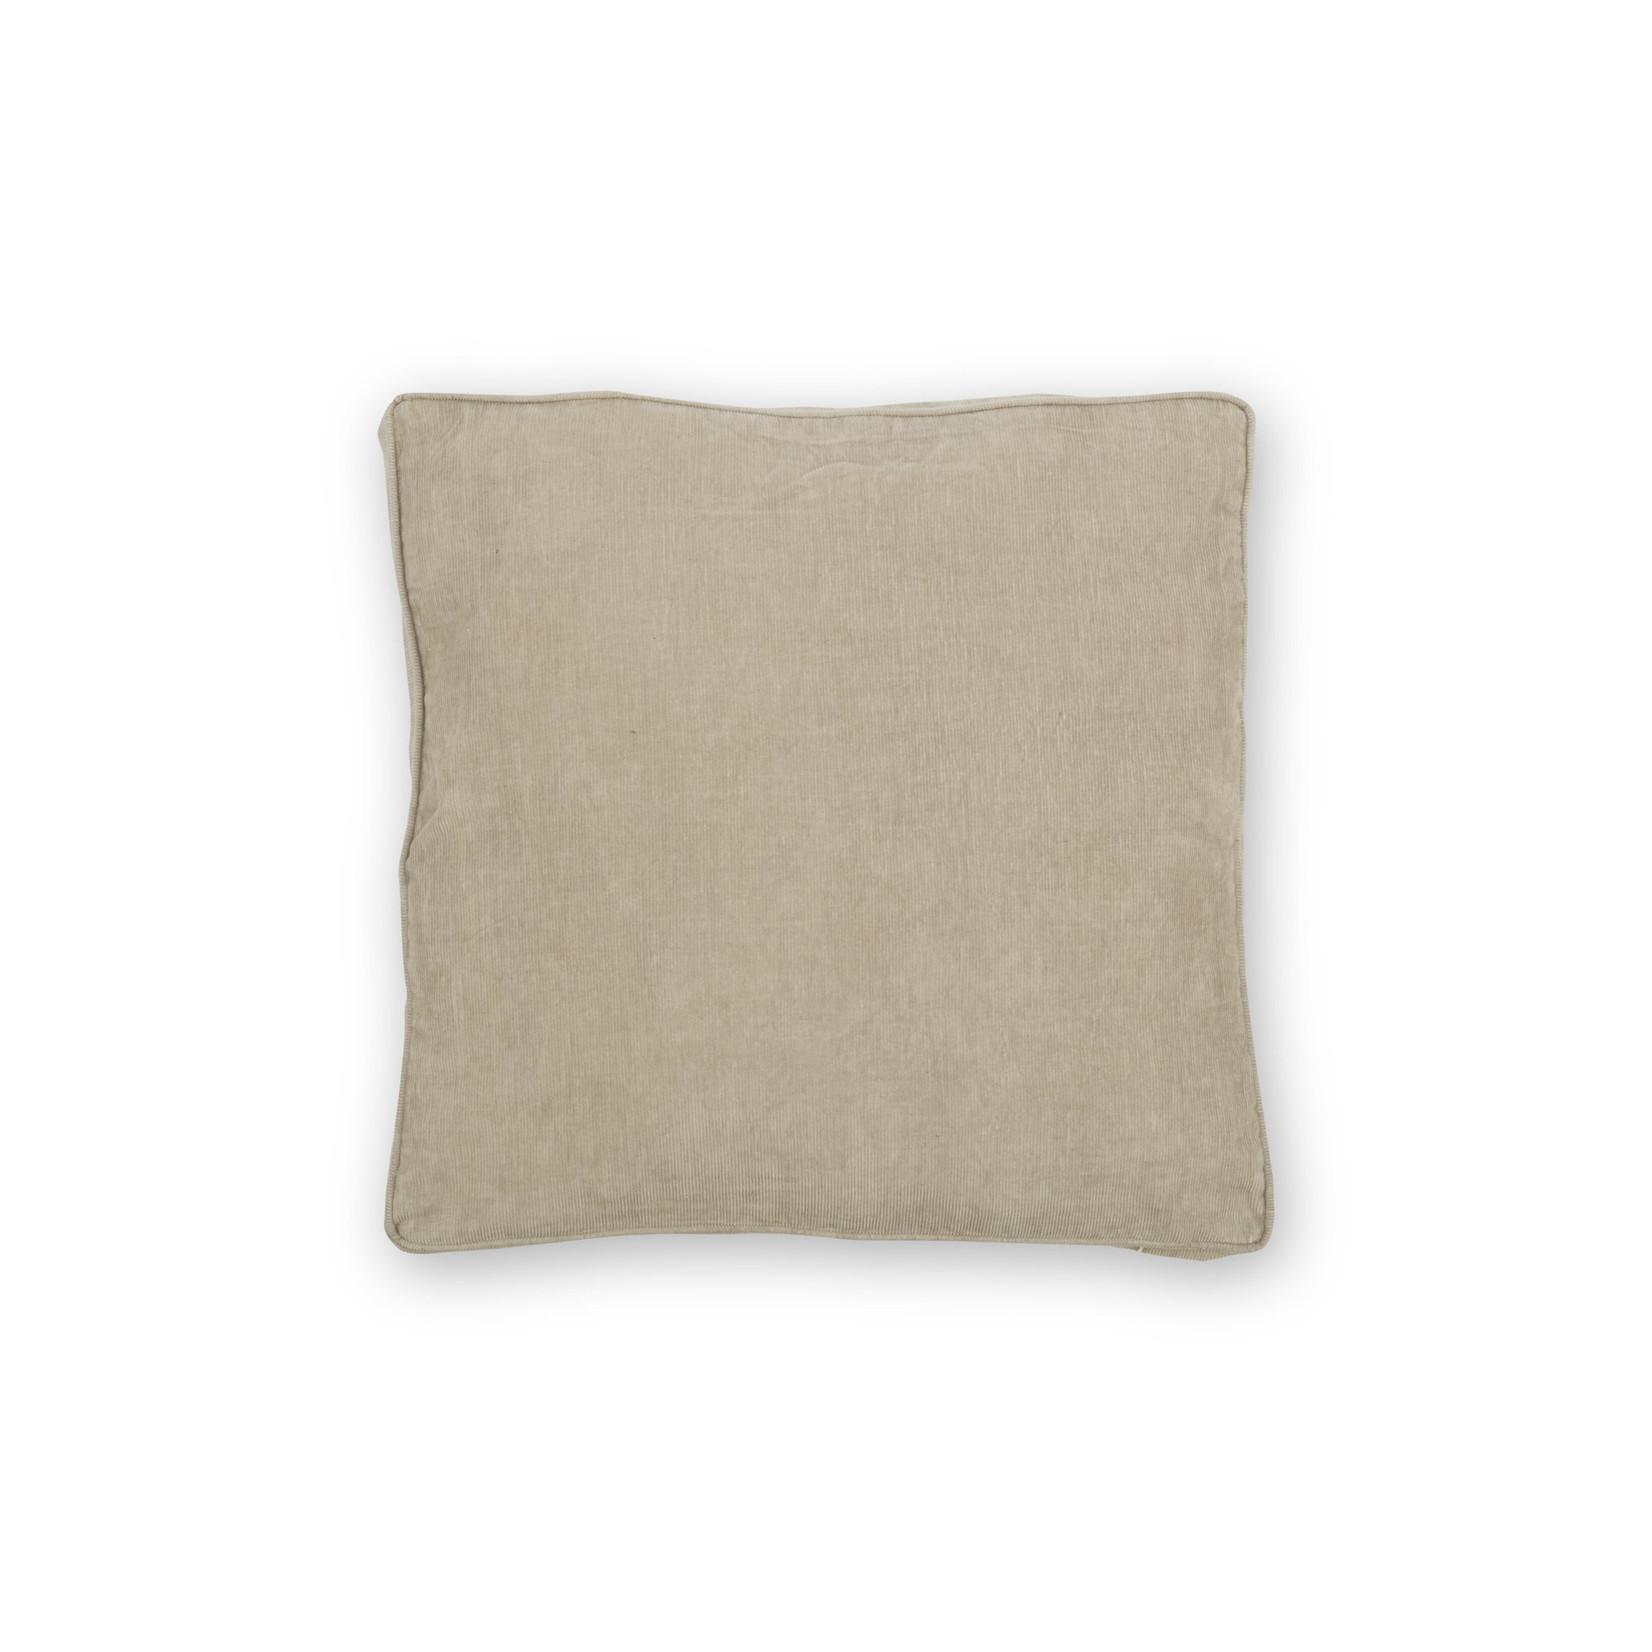 vtwonen Vtwonen   Cushion Rib Cord with Piping Warm Grey 50x50cm